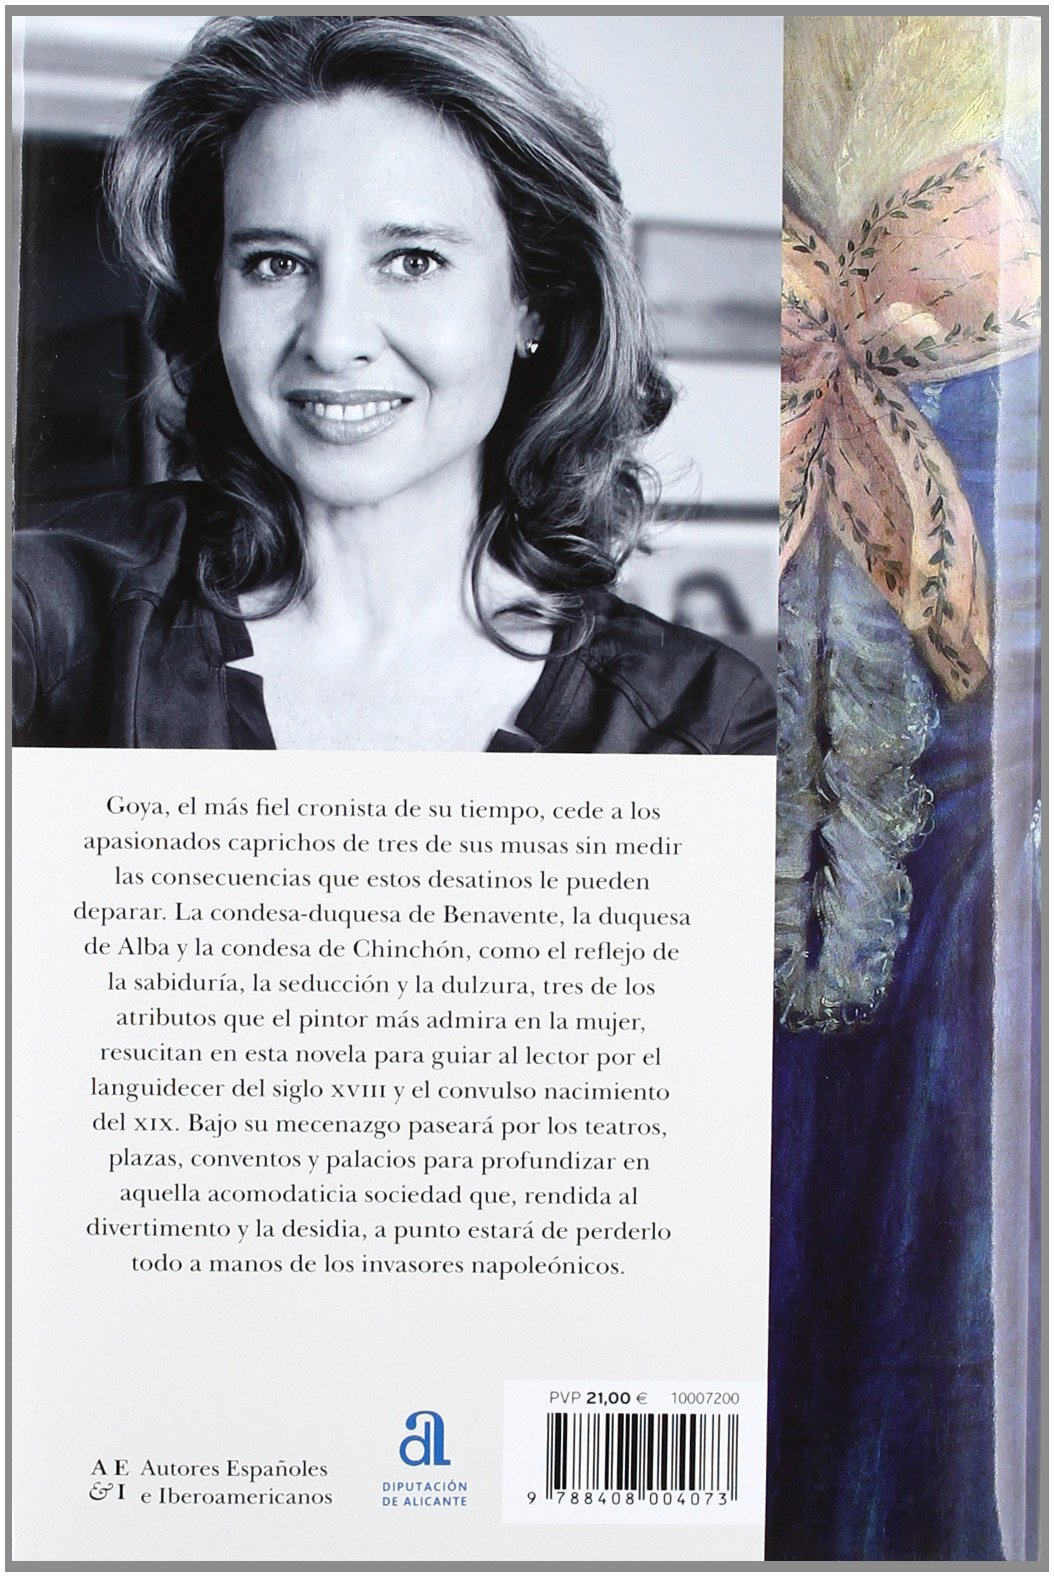 Capricho: Premio Azorín 2012 Autores Españoles E Iberoamer.: Amazon.es: Almudena de Arteaga: Libros